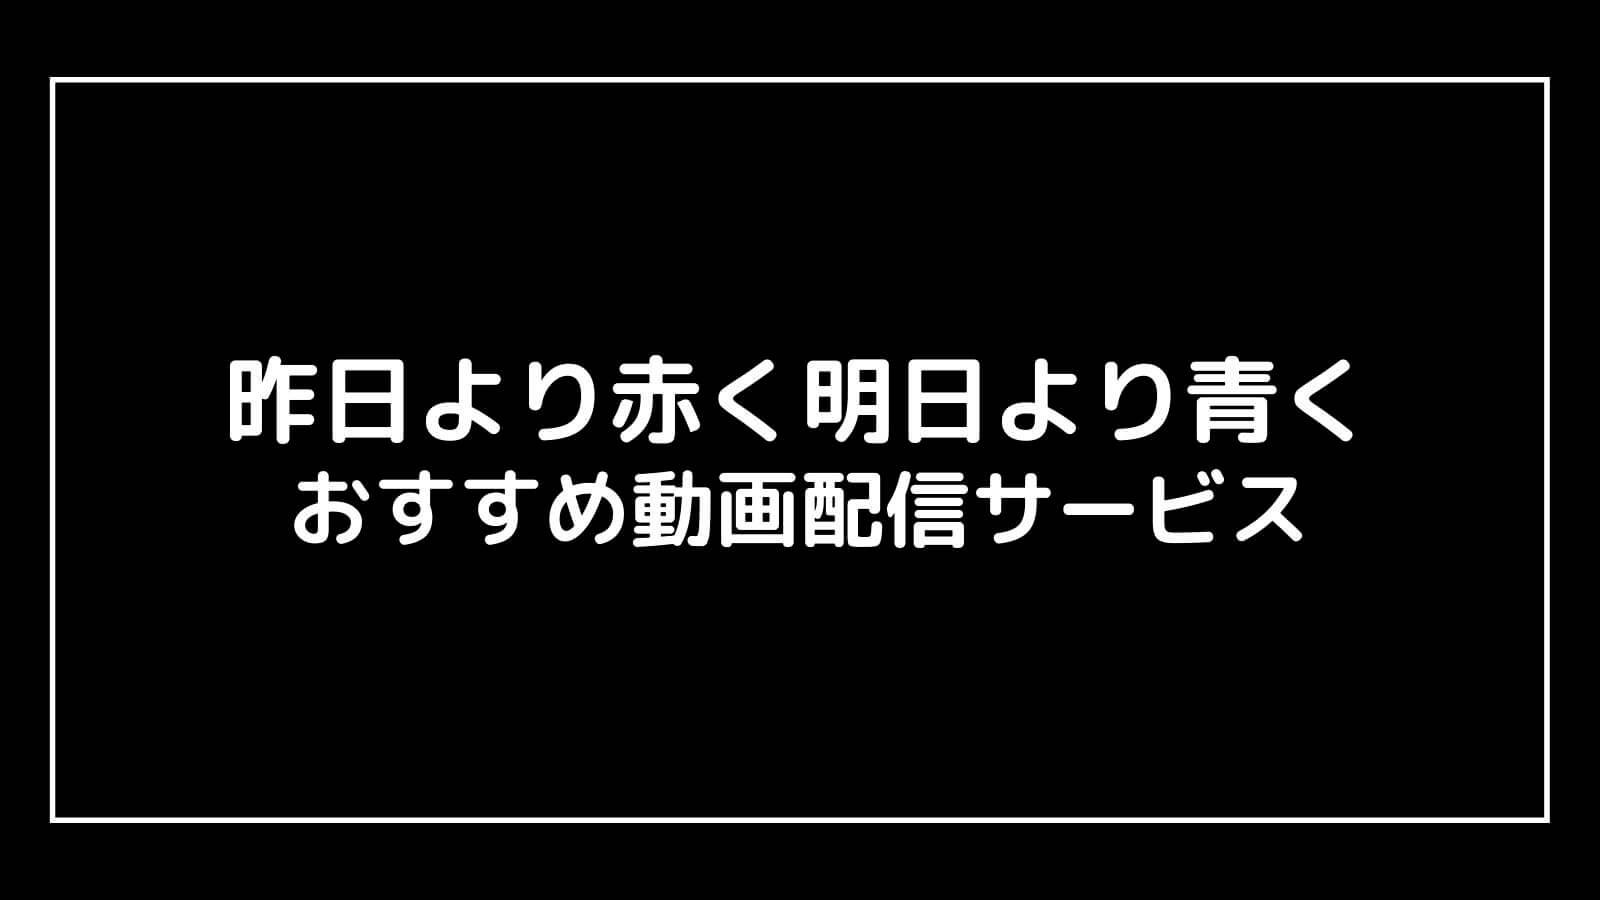 映画『昨日より赤く明日より青く』の動画配信を無料視聴できるサブスク一覧【CINEMA FIGHTERS】